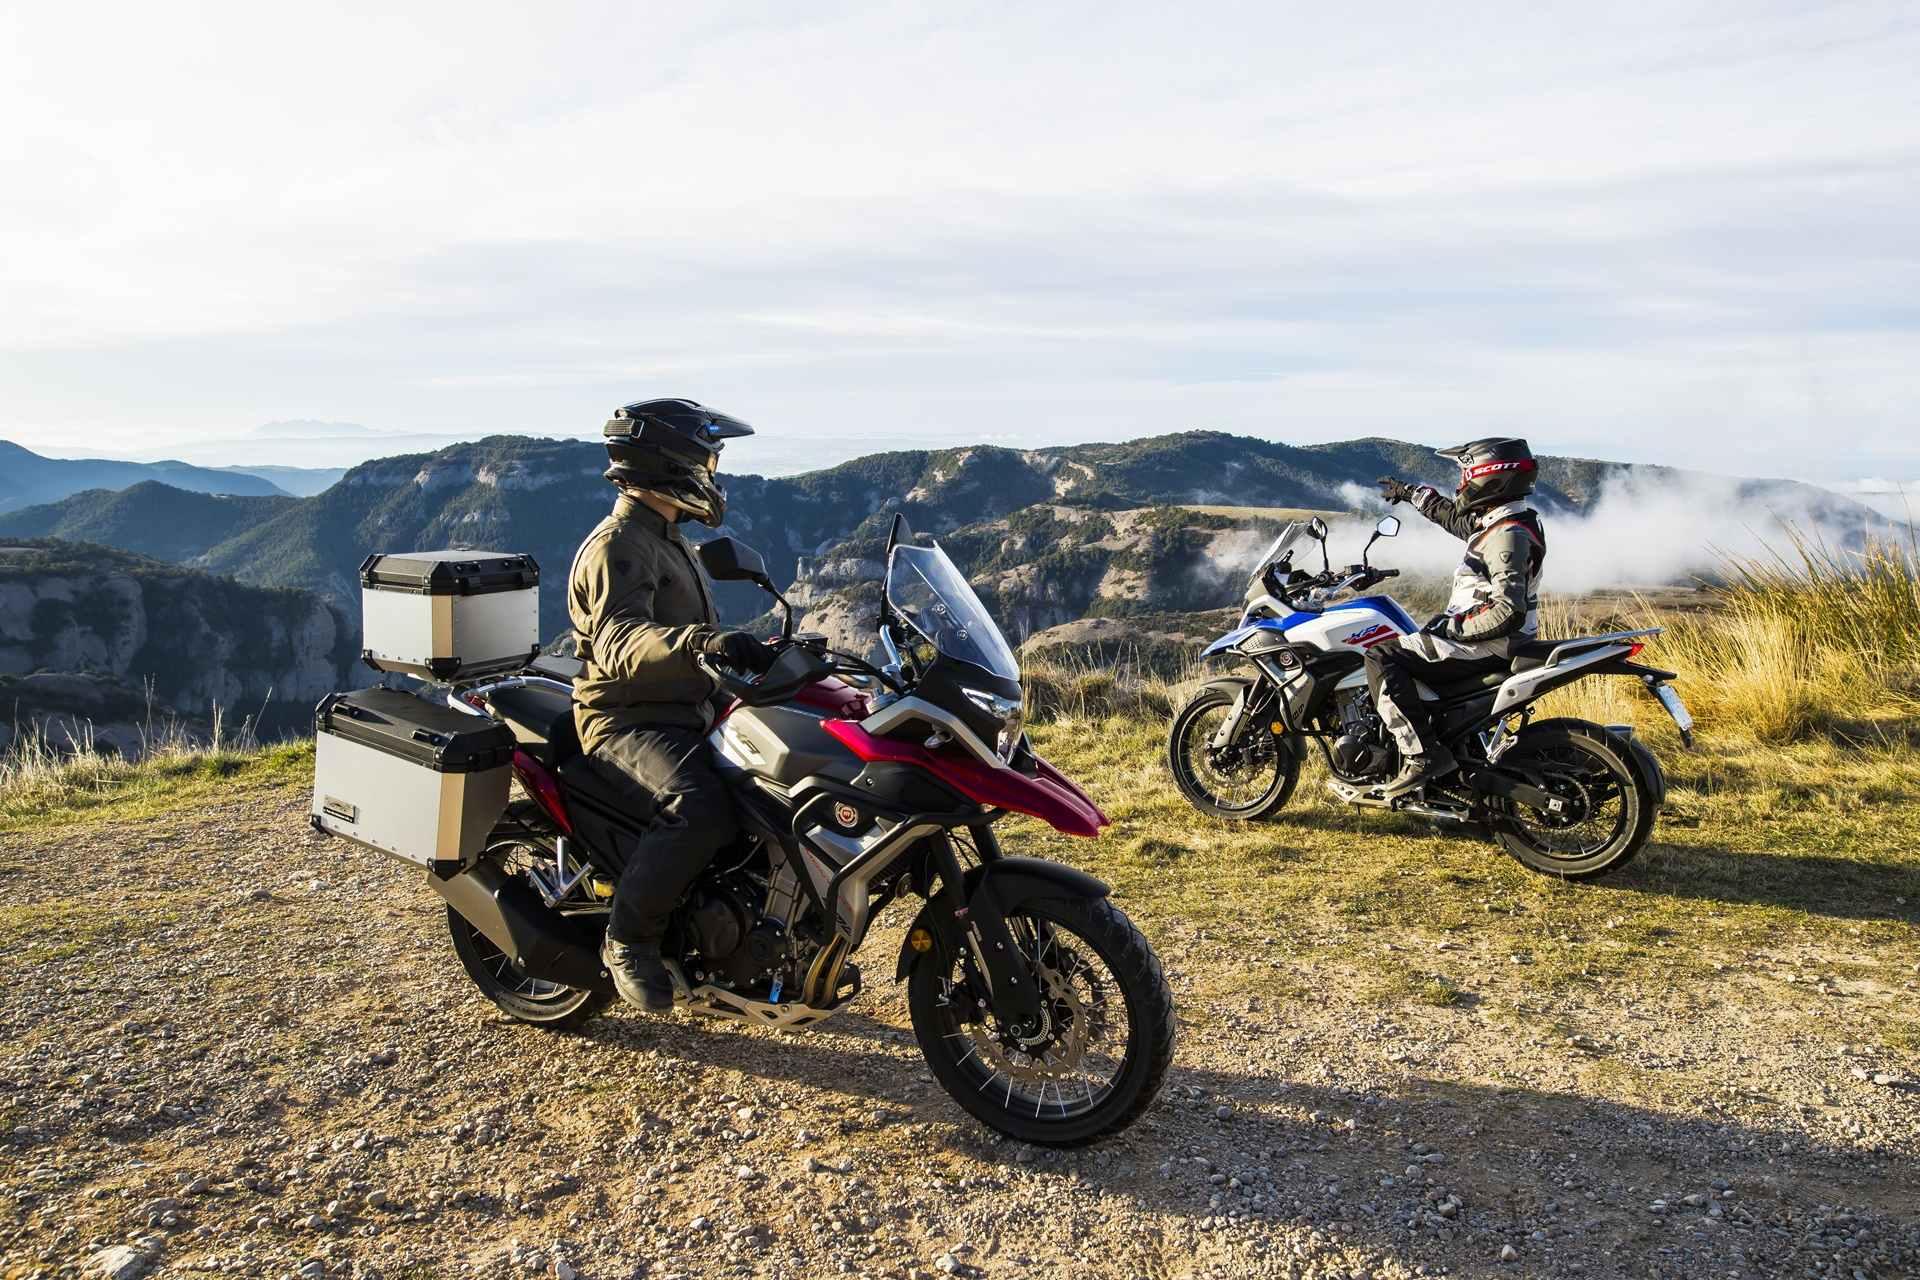 Nueva Macbor Montana XR5, una trail con 47 CV que llega pisando fuerte